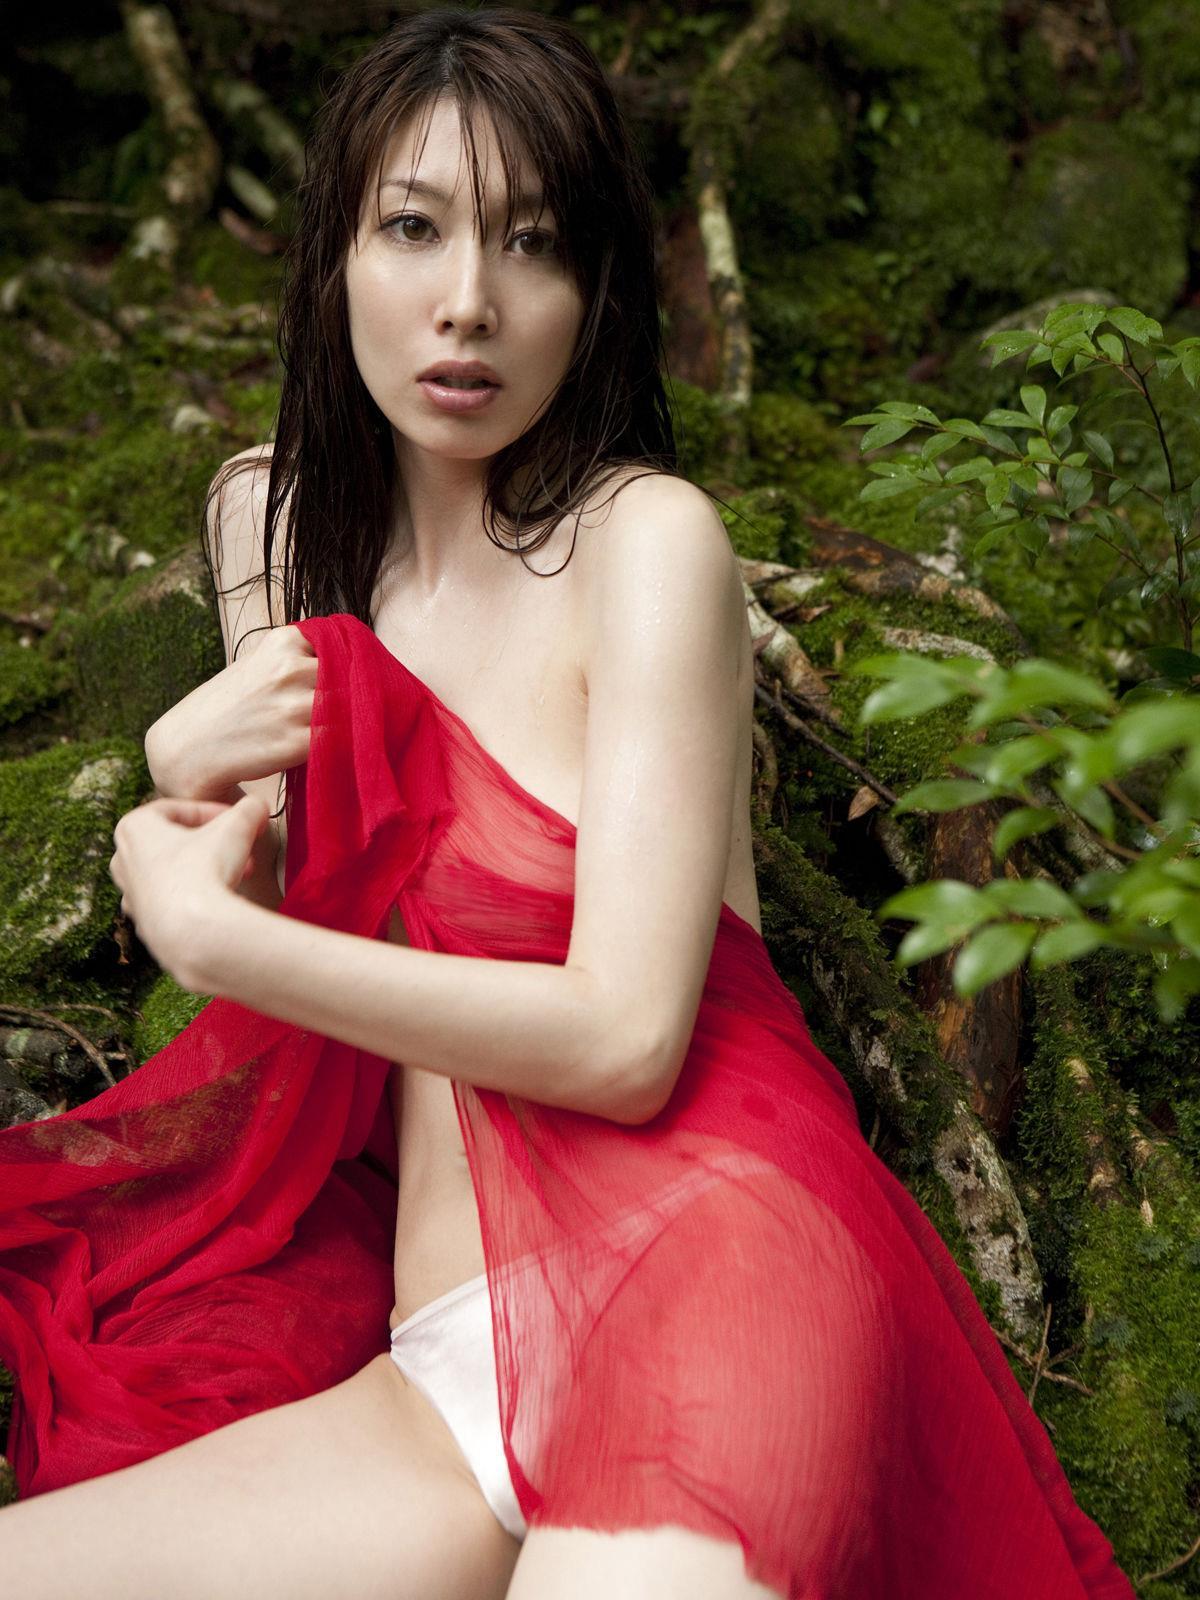 小林恵美 セミヌード画像 20